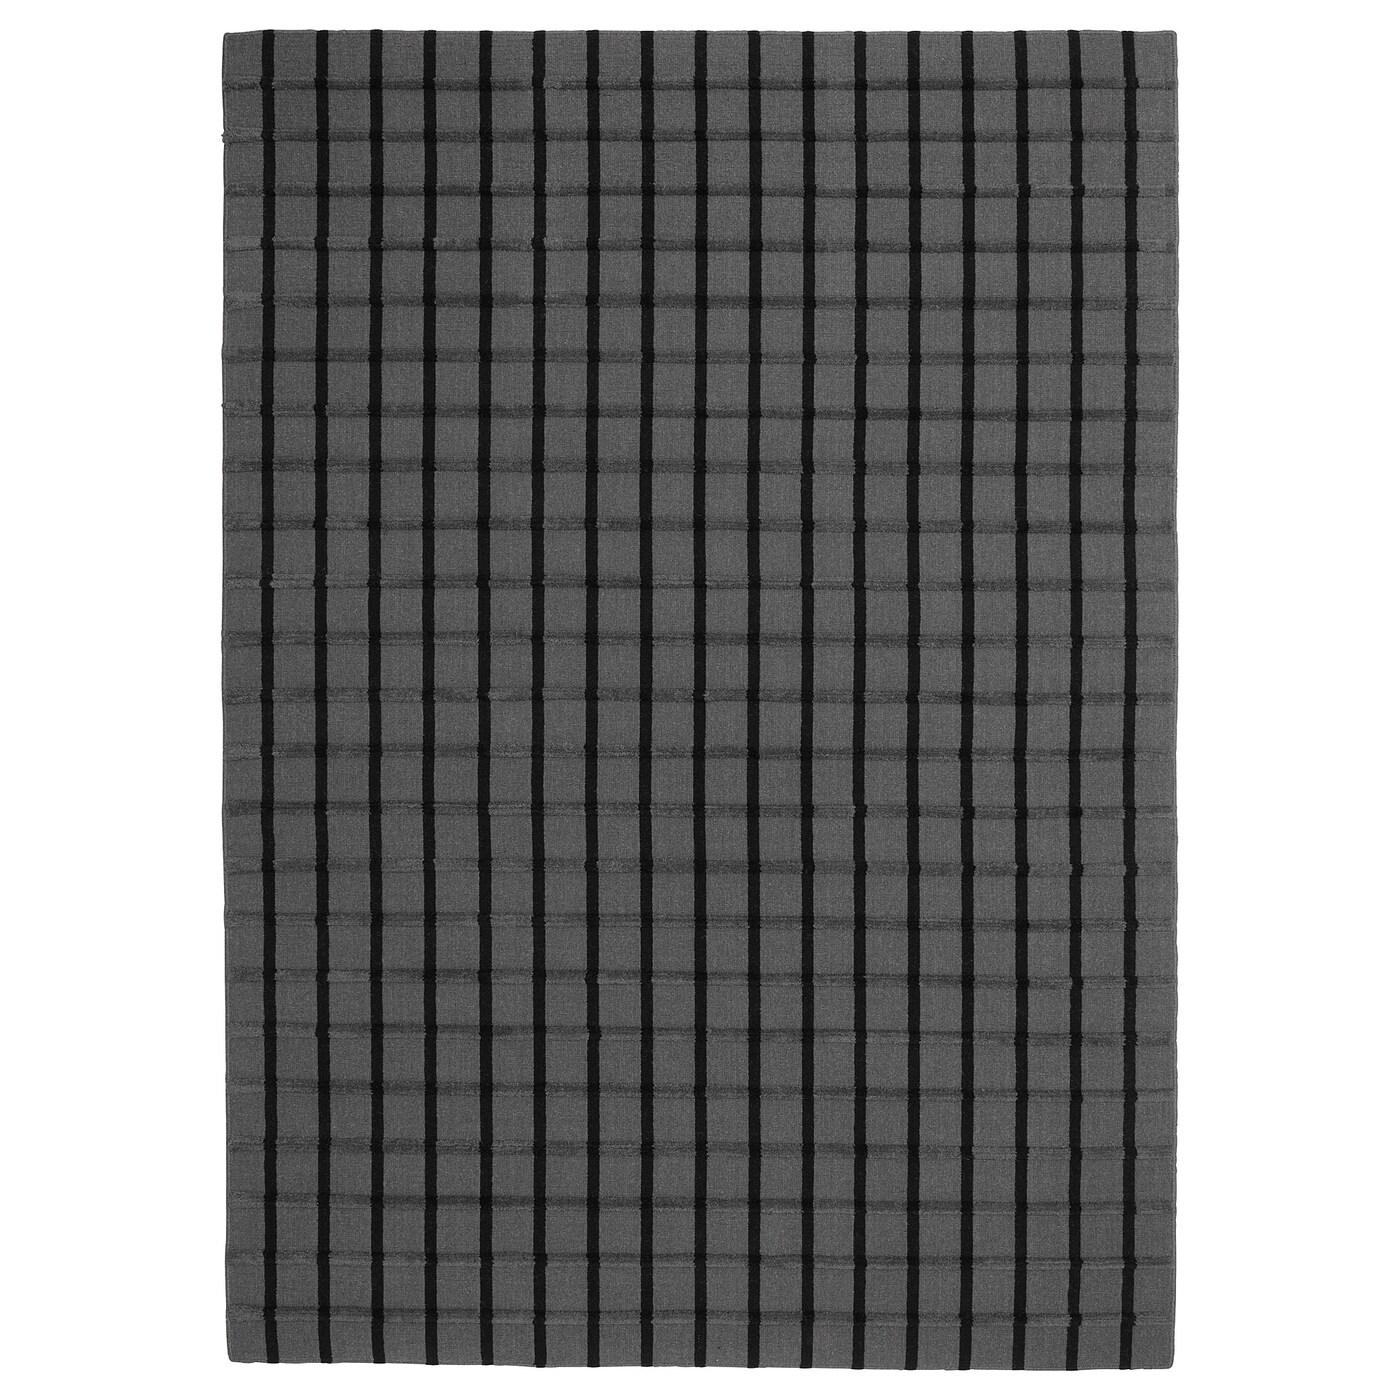 foulum tapis tiss plat gris noir 170x240 cm ikea. Black Bedroom Furniture Sets. Home Design Ideas